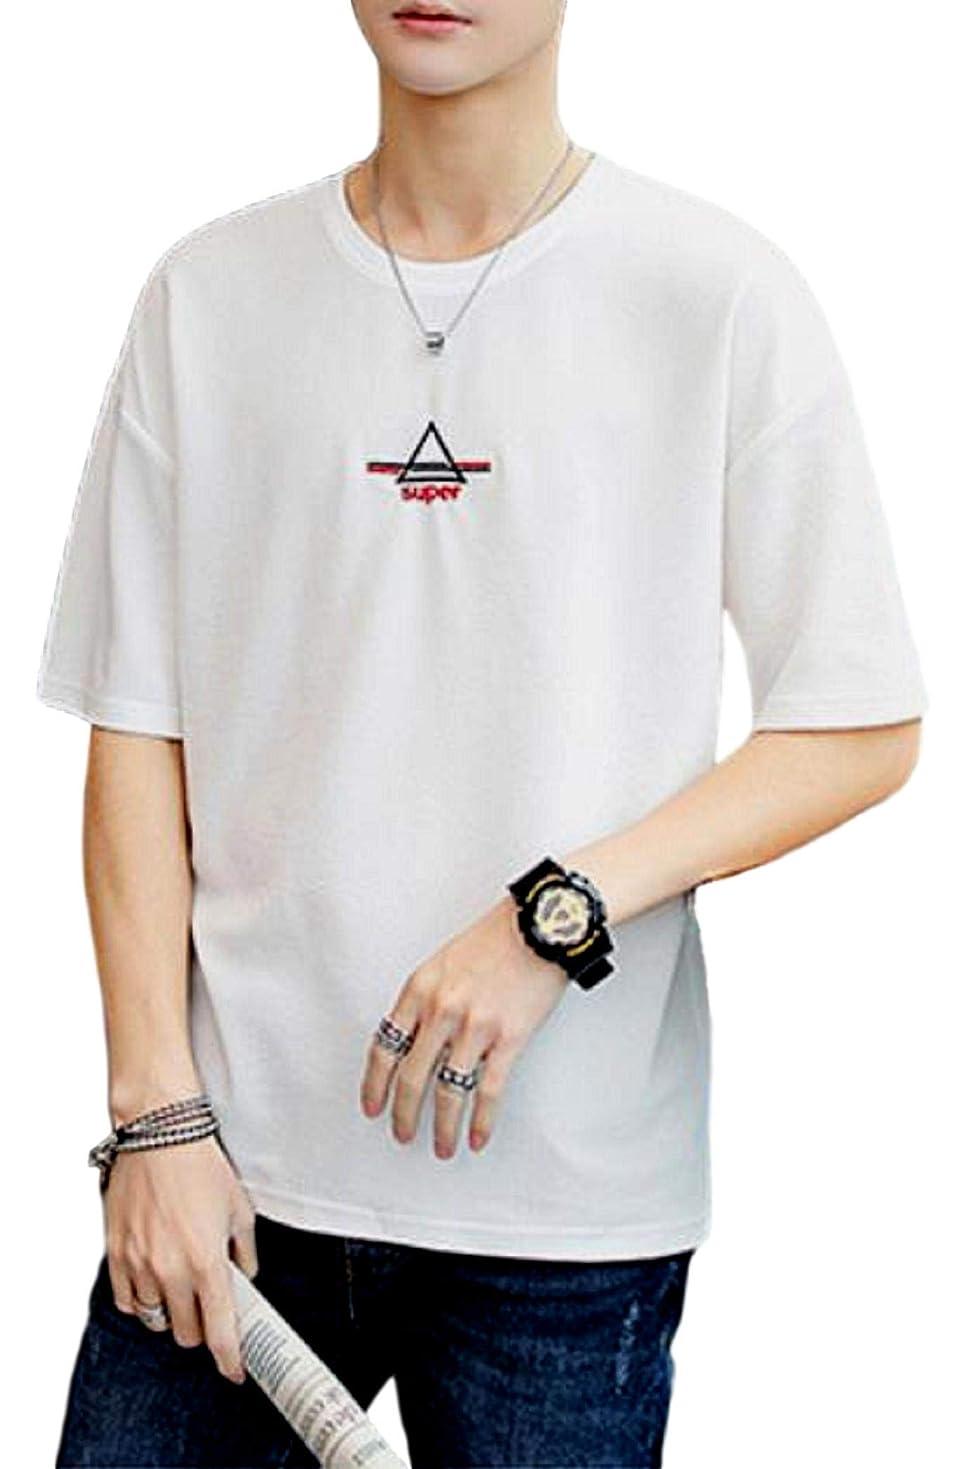 変換するスタイル歩く[アルトコロニー] ワンポイント カットソー ロゴ ティーシャツ スポーツ 半そで ユッタリ カジュアル 綿 M ~ XL メンズ